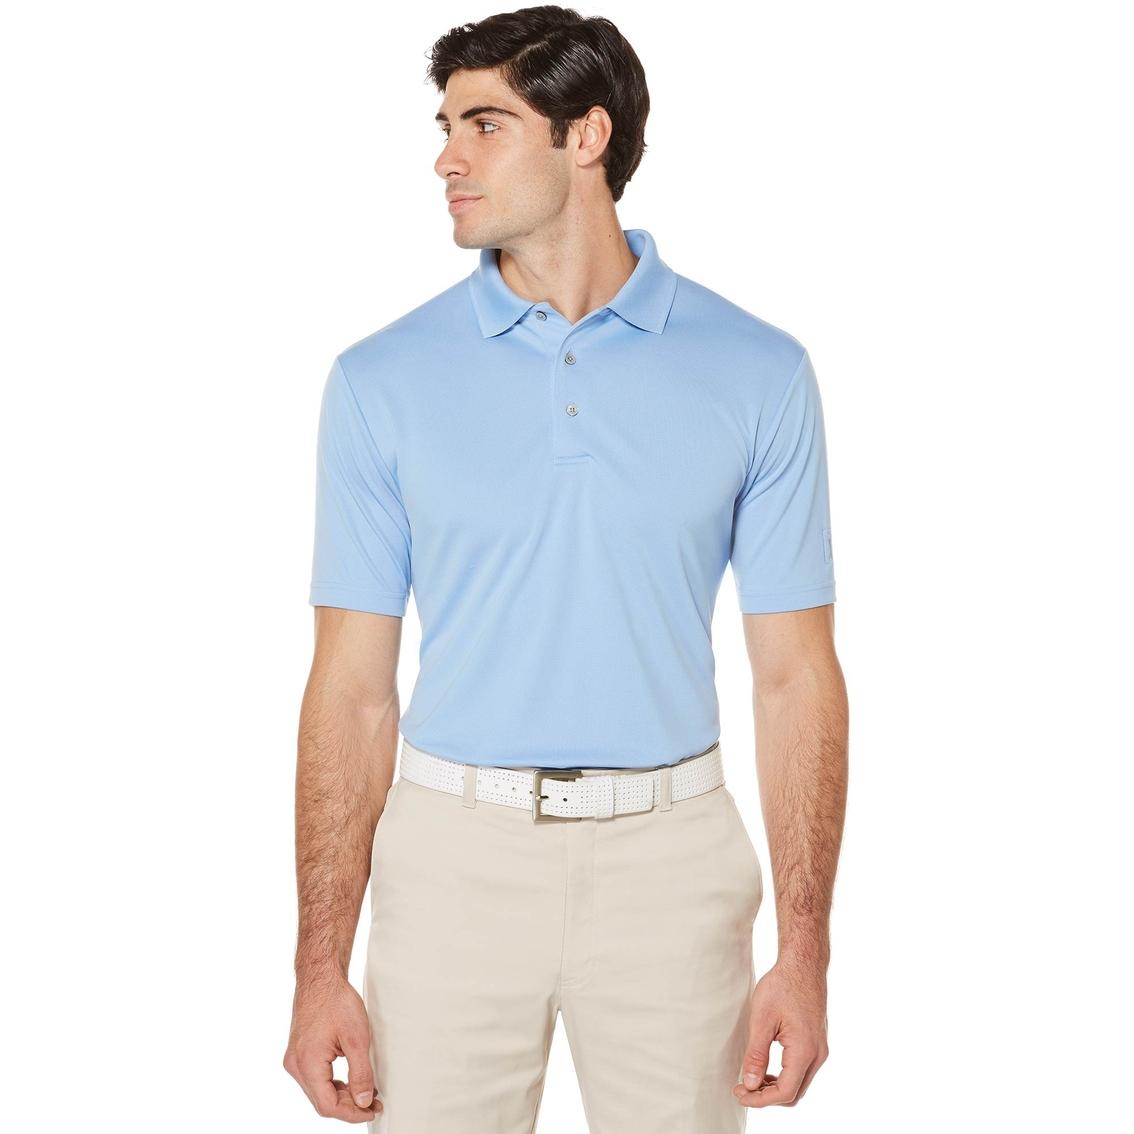 pga tour golf performance solid polo shirt